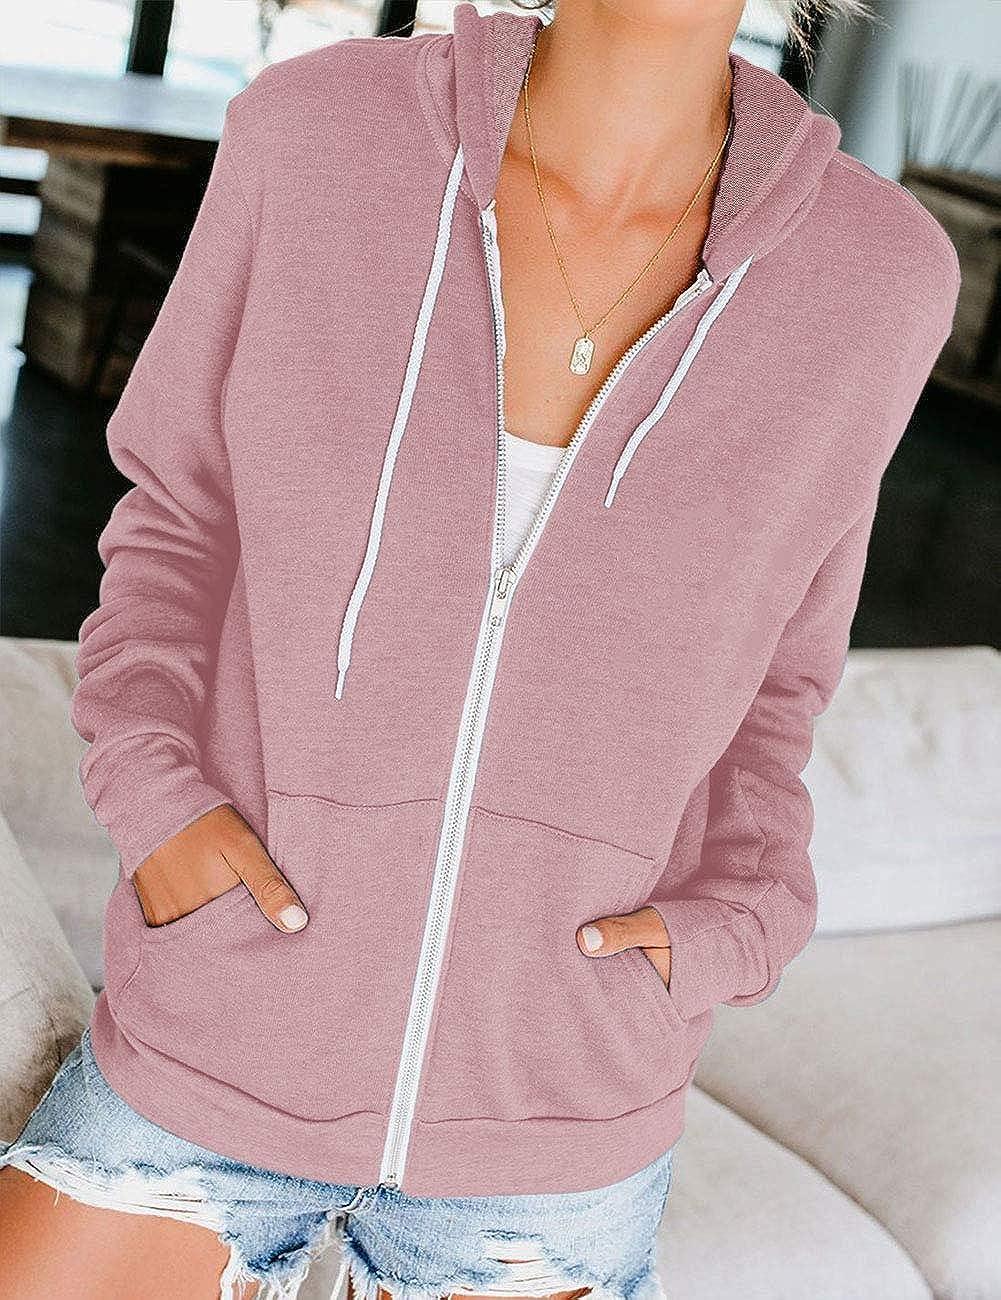 MEROKEETY Women's Long Sleeve Zip Up Hoodie Drawstring Jacket Casual Sweatshirt